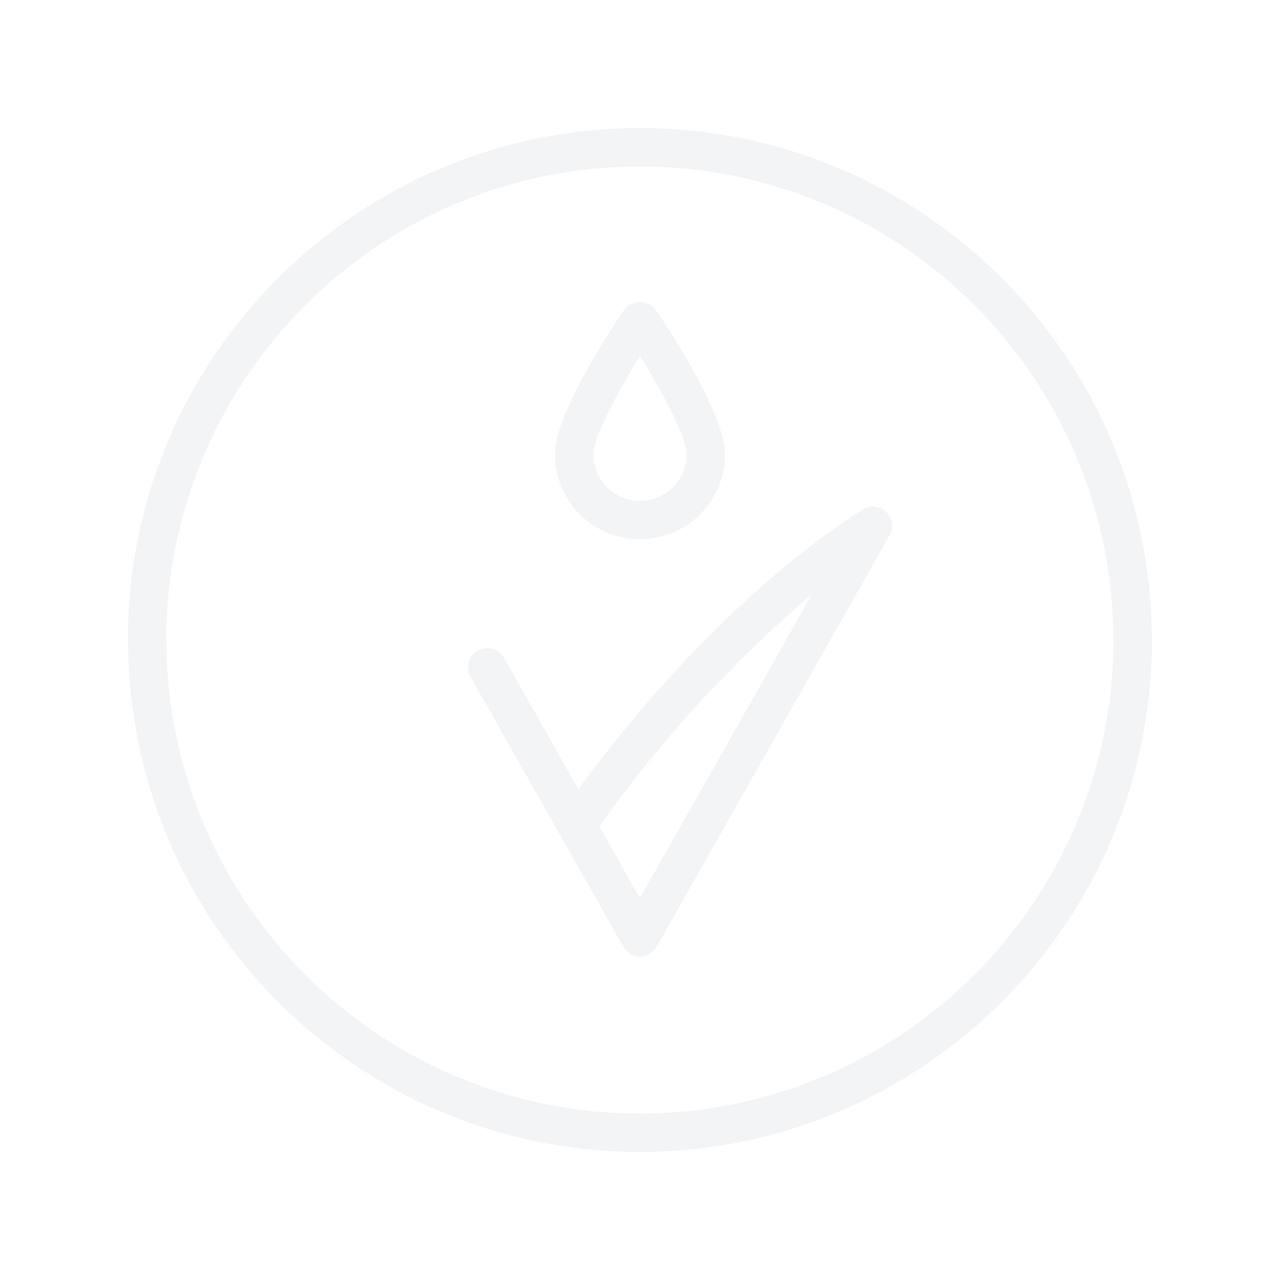 Marc Jacobs Daisy 50ml Eau De Toilette Gift Set